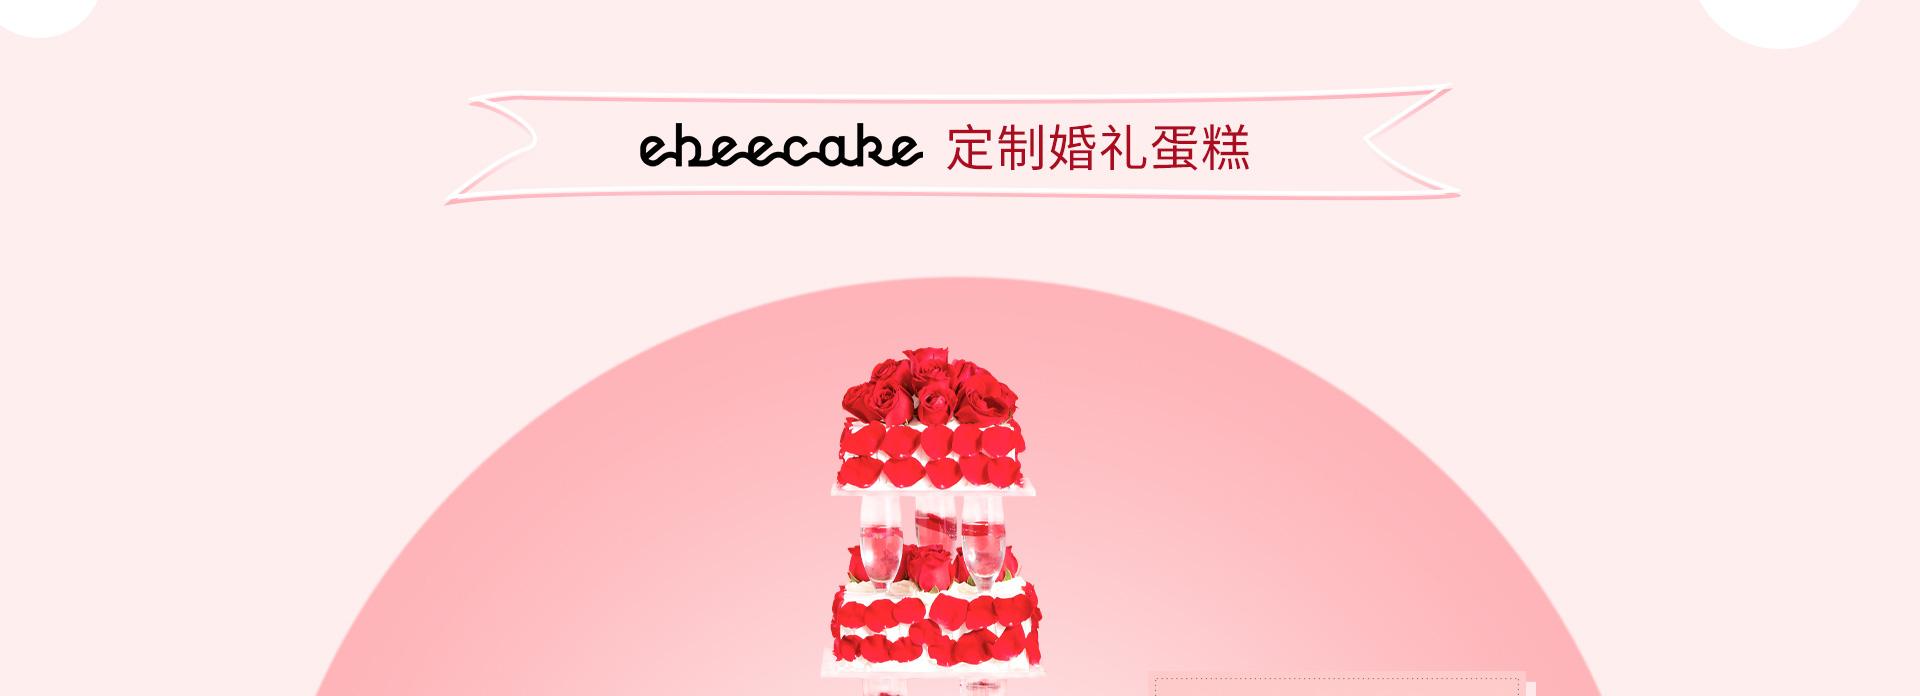 婚礼蛋糕定制 永裕爱河 ebeecake小蜜蜂蛋糕